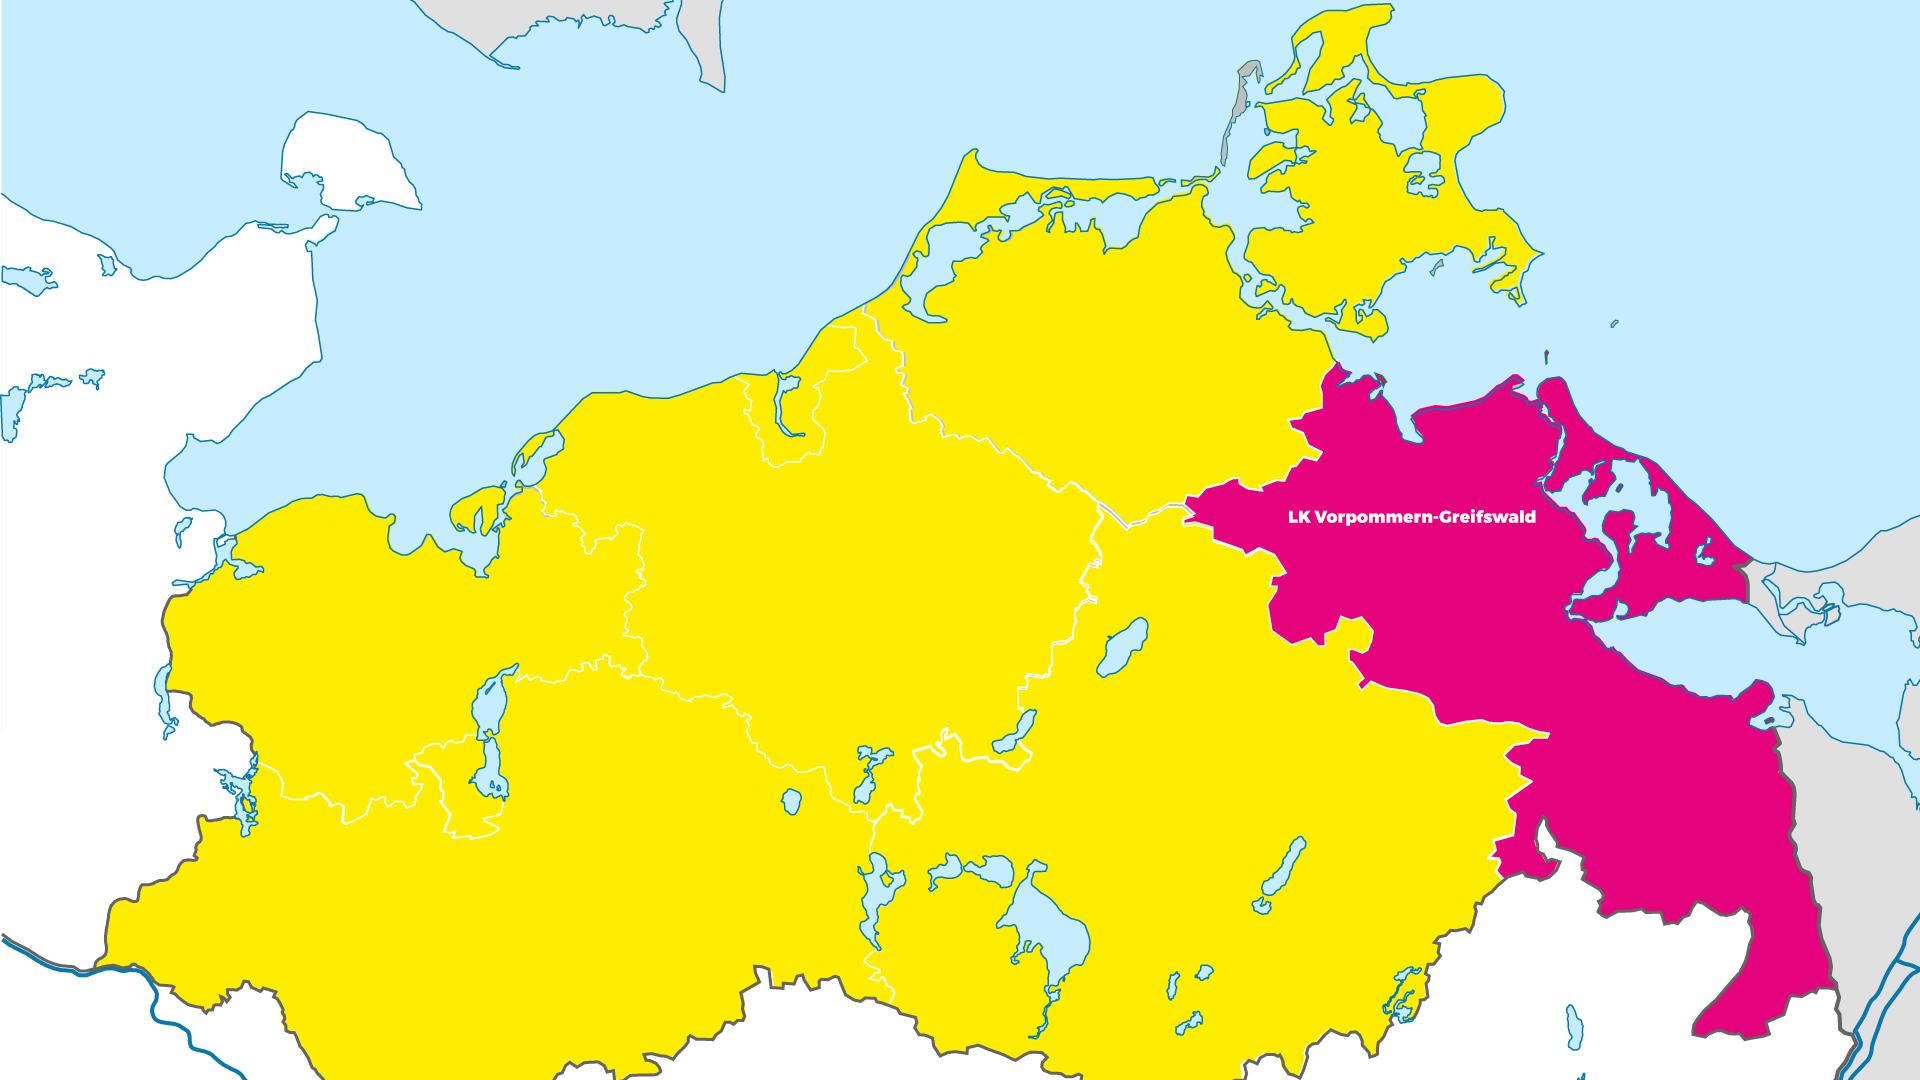 Kreistagswahl Vorpommern Greifswald